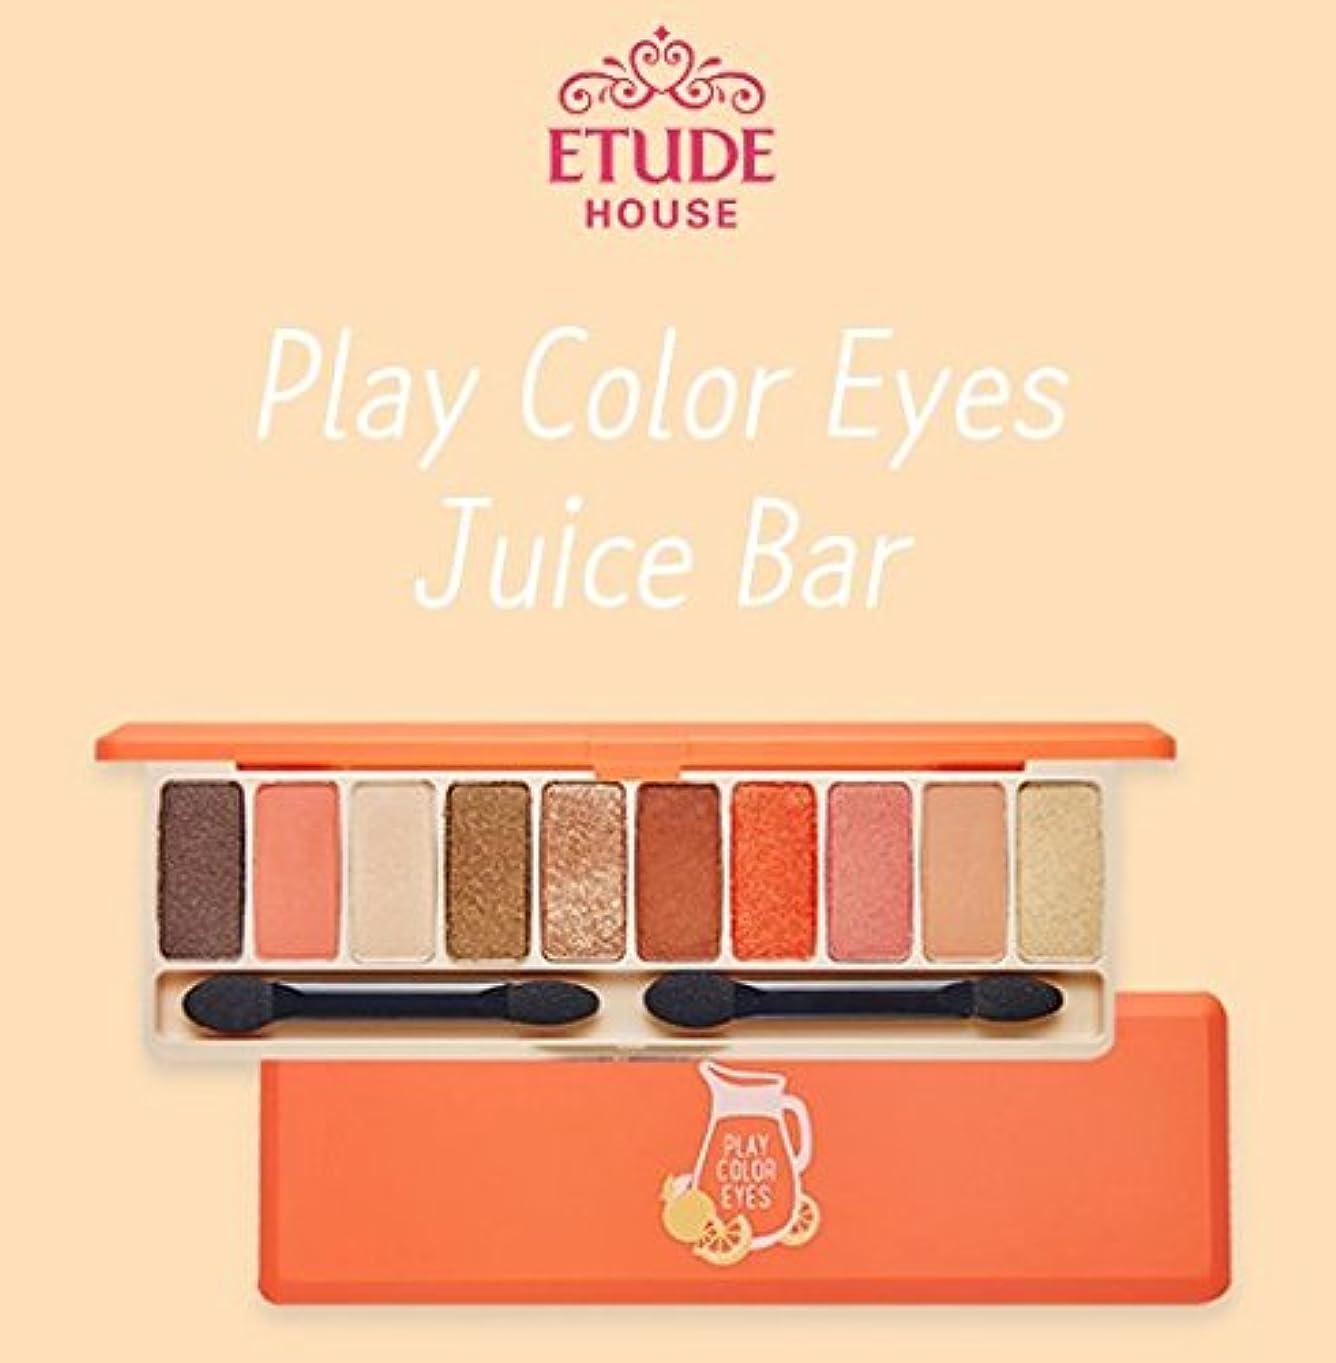 名前を作る慈悲深い準拠[Etude House] ジュース バー アイシャドウ Play Color Eyes Juice Bar